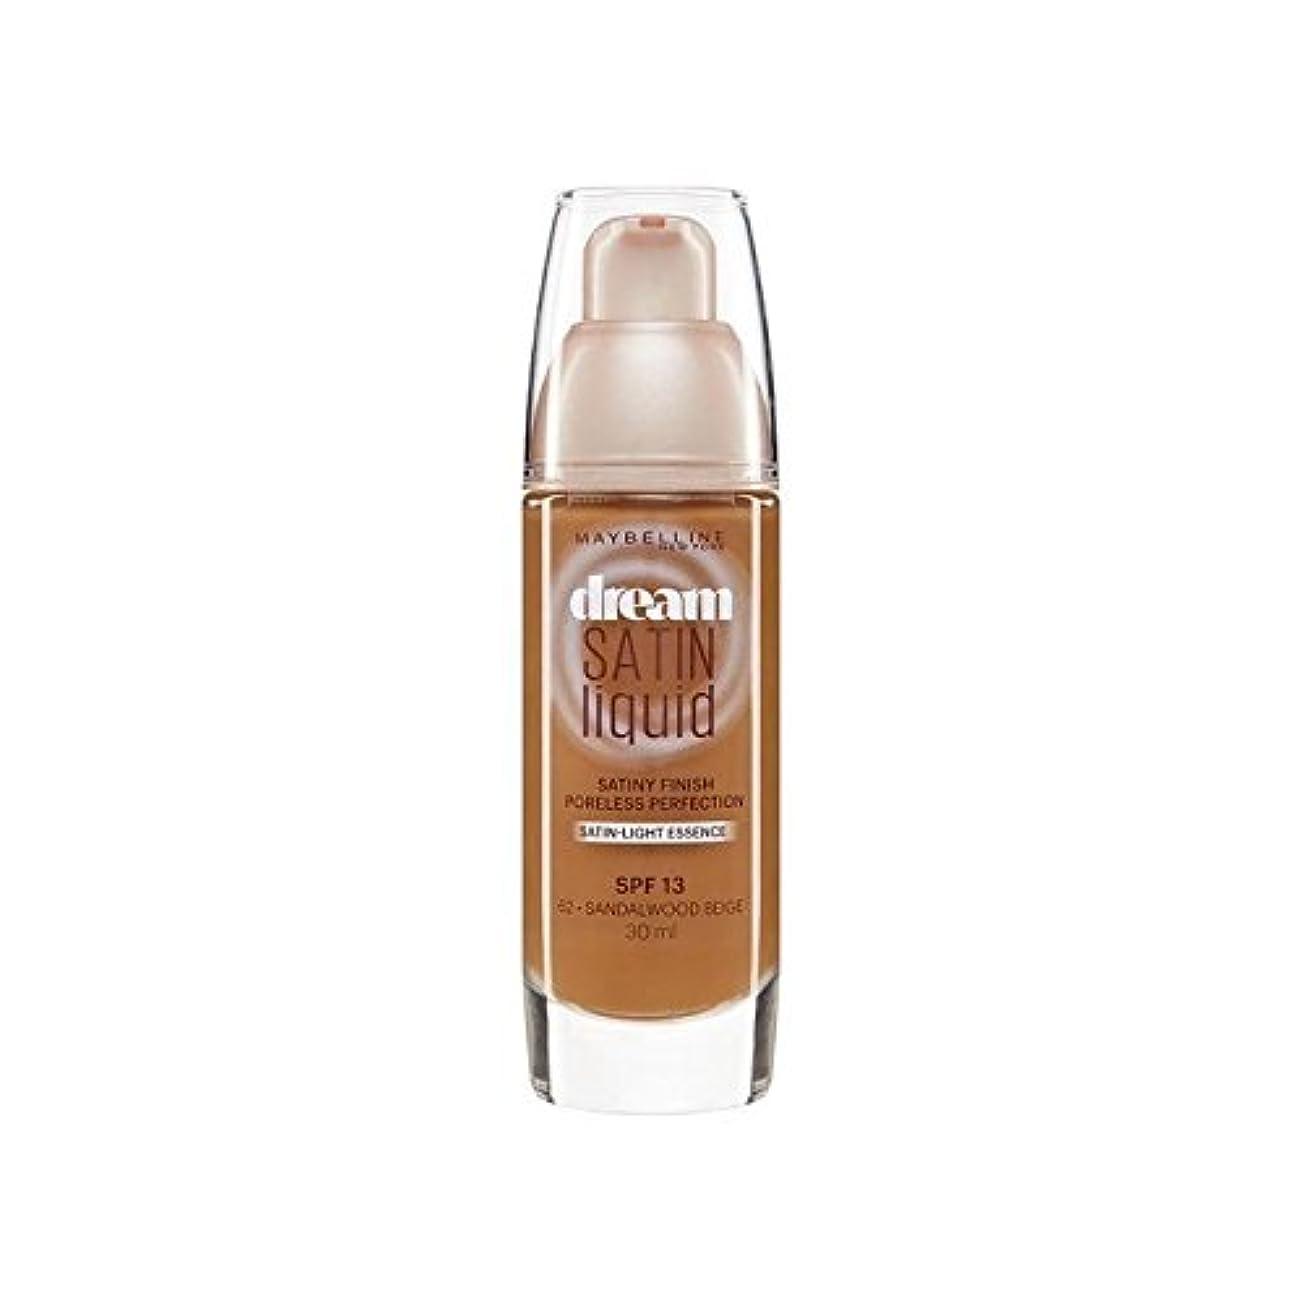 役に立つシングル温度計メイベリン夢サテンリキッドファンデーション64深いスパイス30ミリリットル x4 - Maybelline Dream Satin Liquid Foundation 64 Deep Spice 30ml (Pack of...